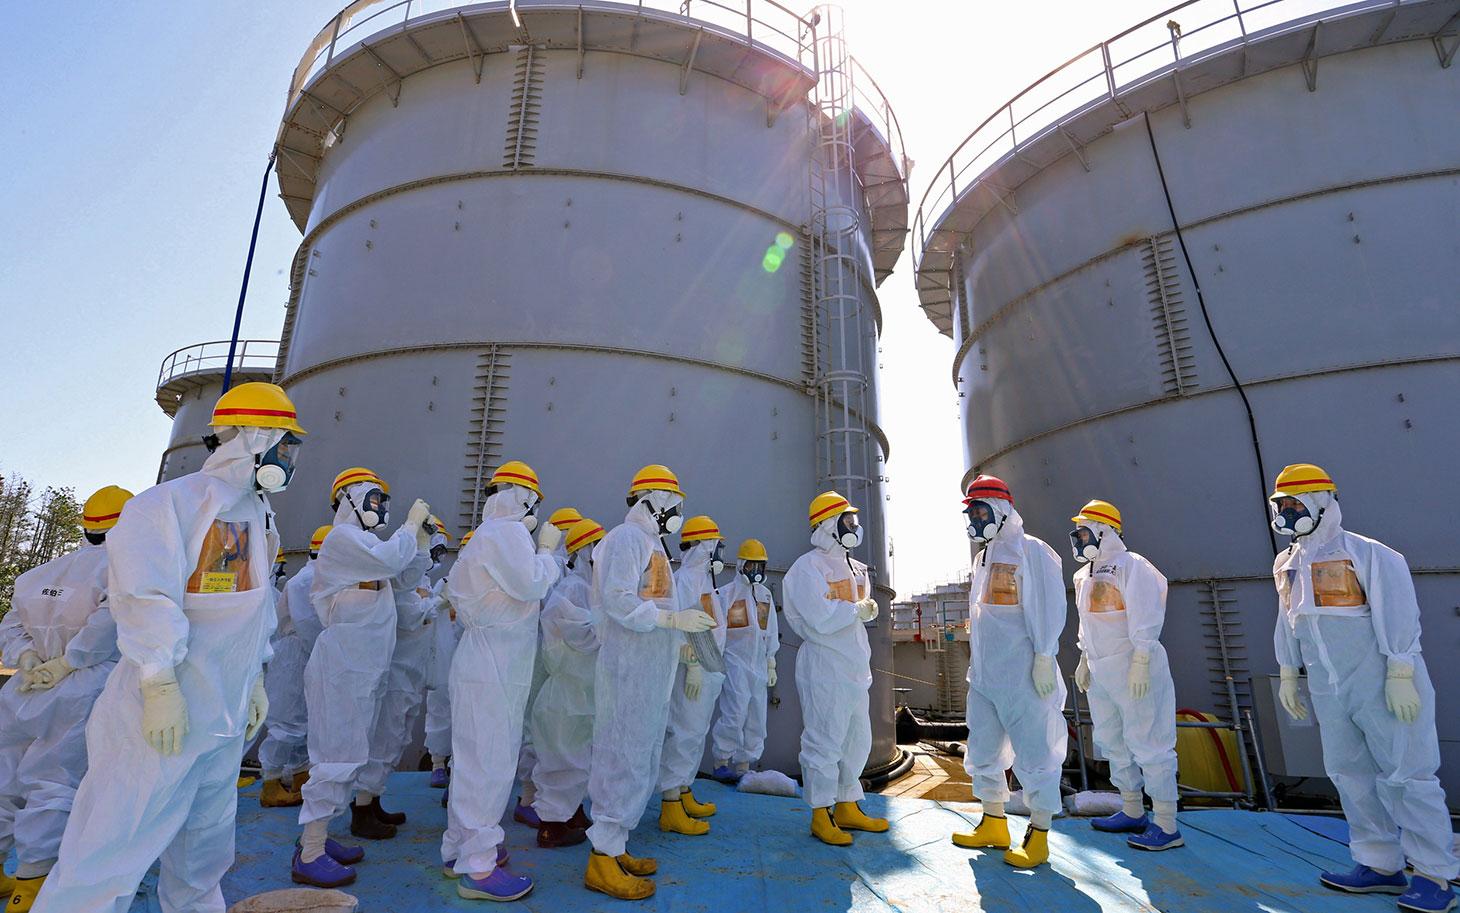 Quatro anos após Fukushima, Japão religa reator nuclear